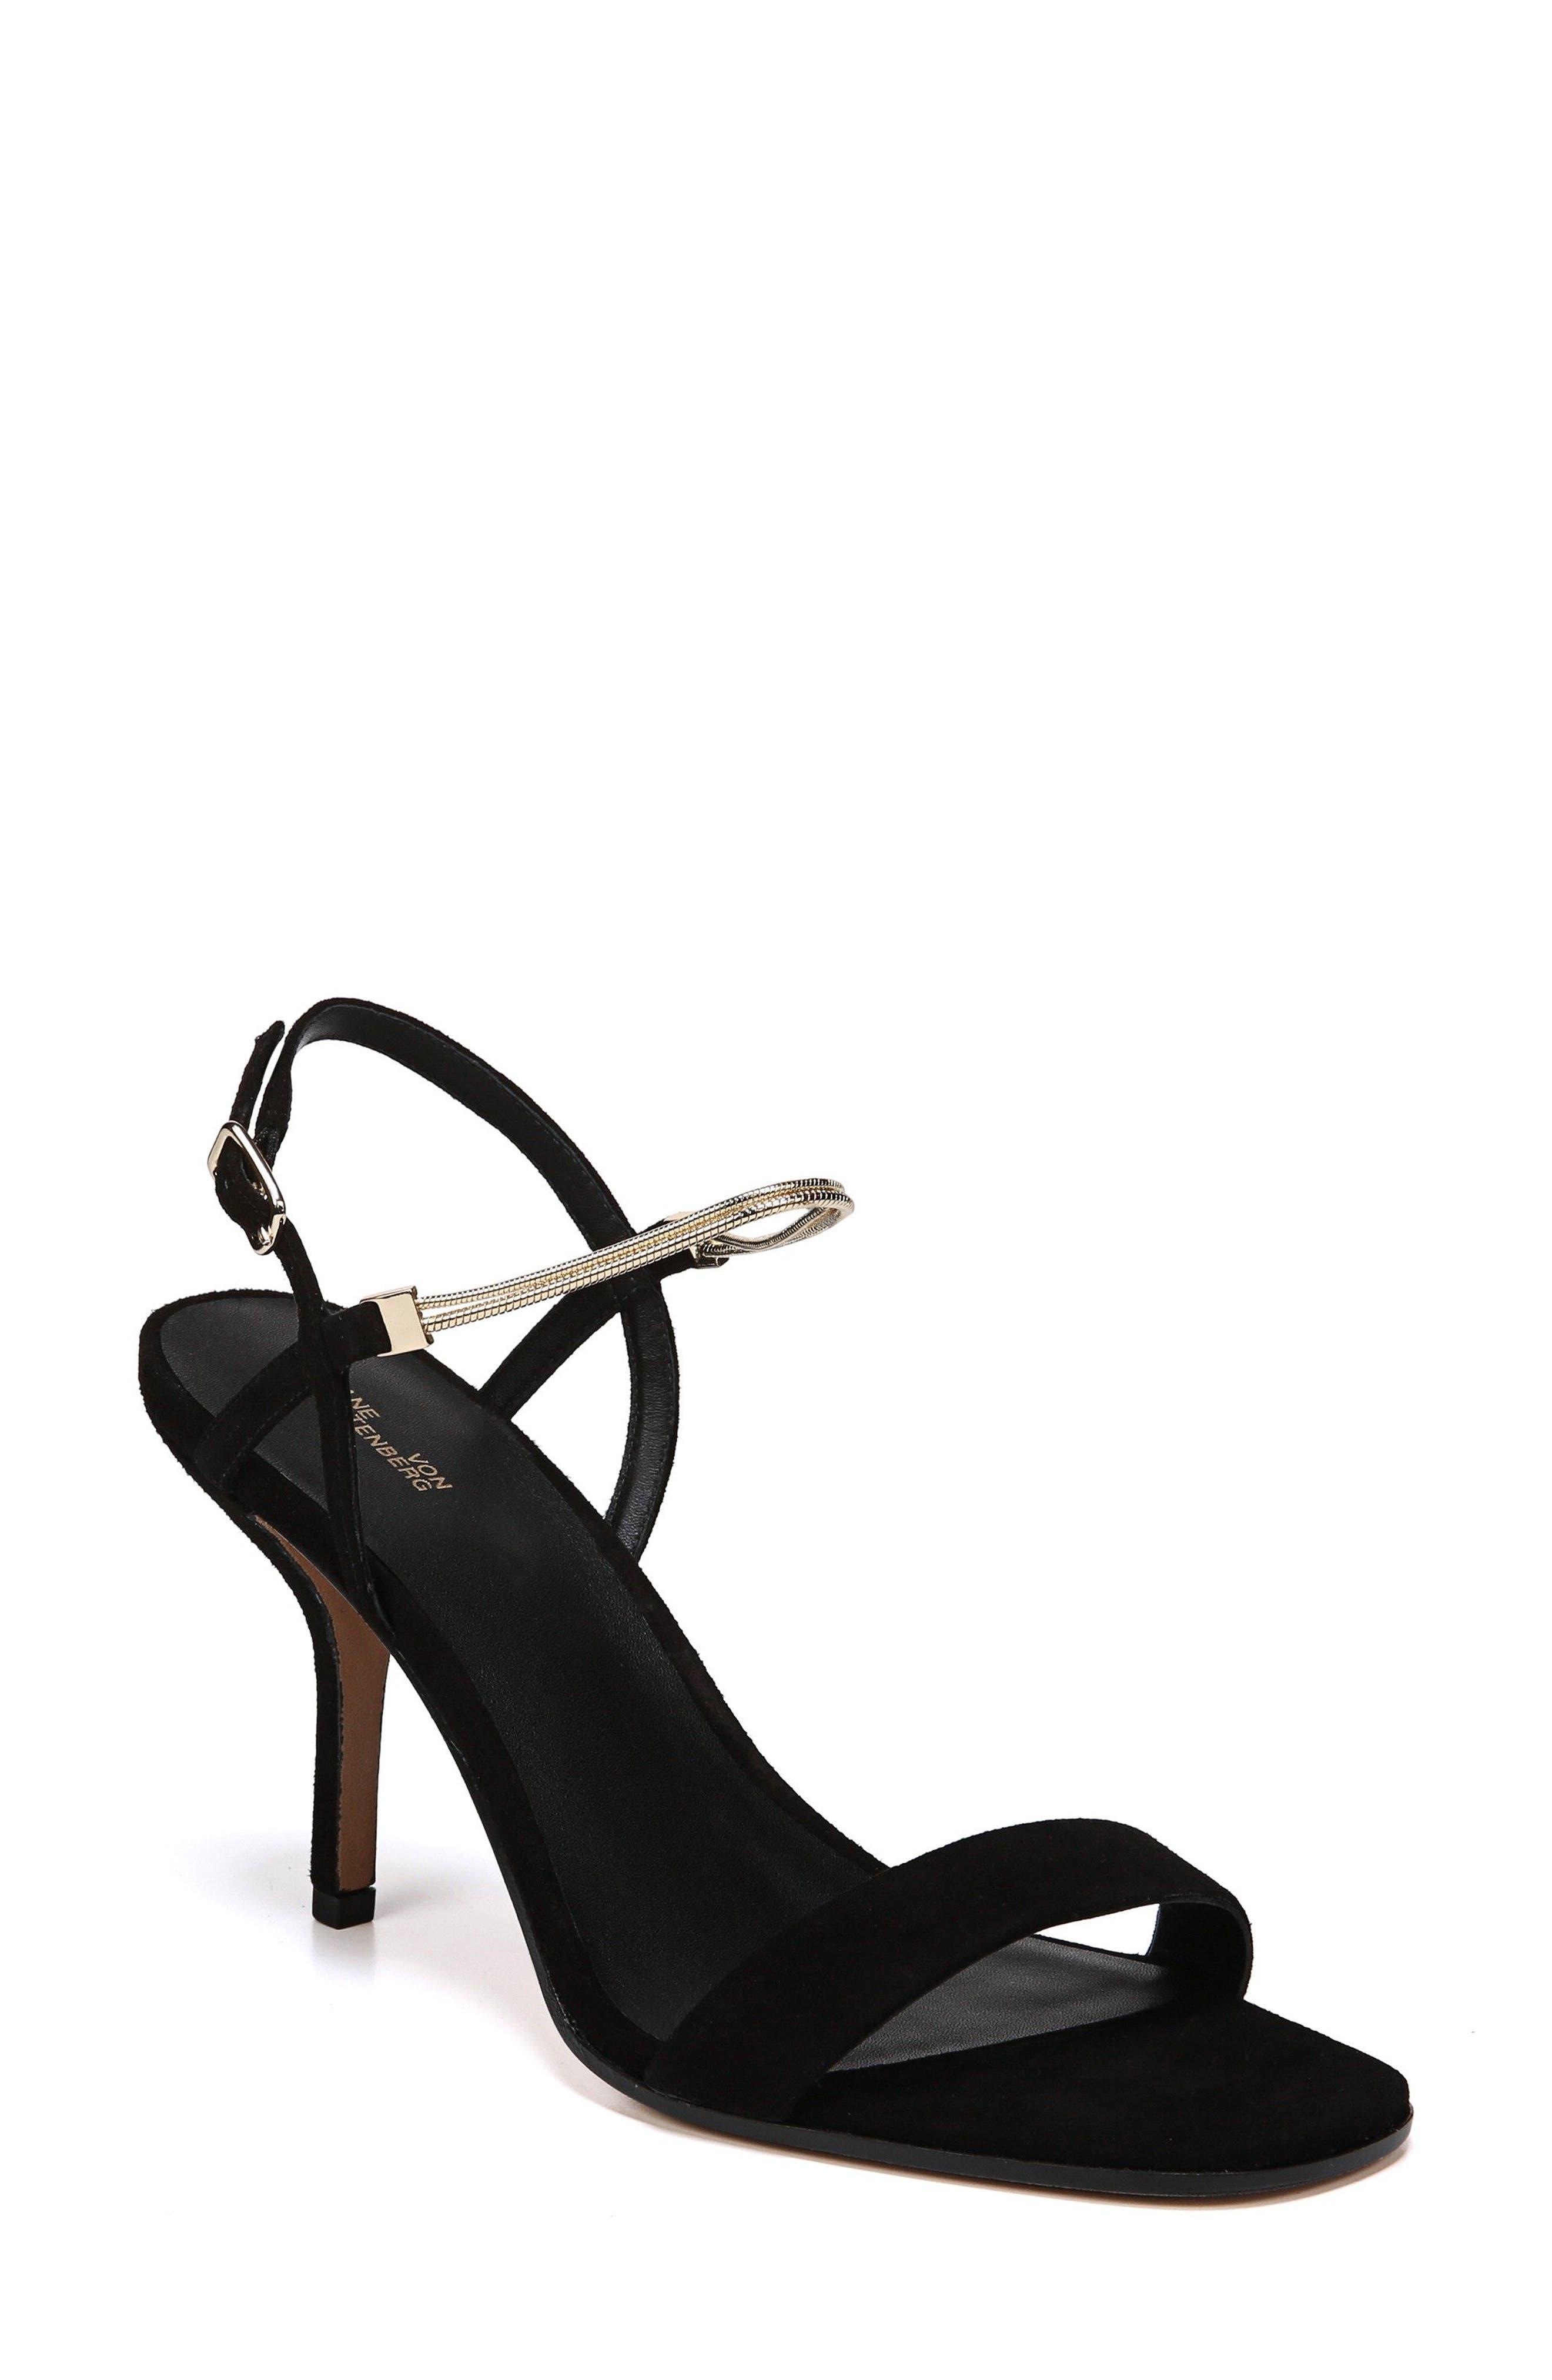 Diane Von Furstenberg Frankie Sandal- Black